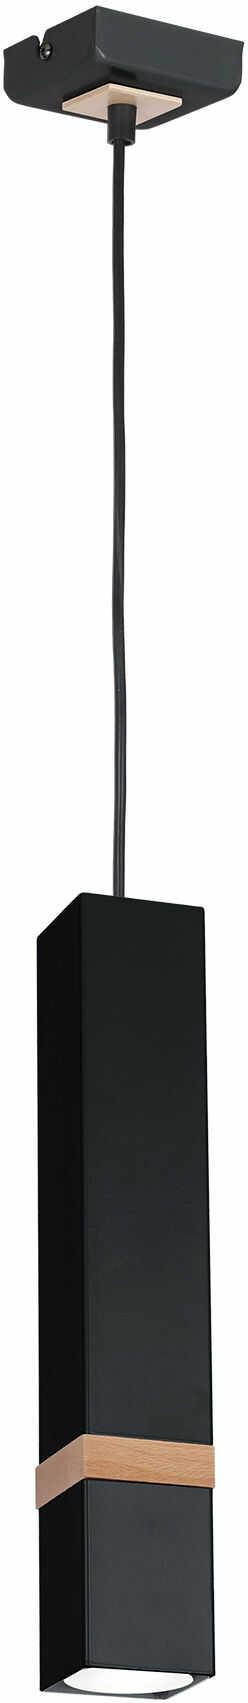 Milagro VIDAR BLACK MLP5403 lampa wisząca nowoczesna metalowy klosz czarny drewno 1xGU10 8cm